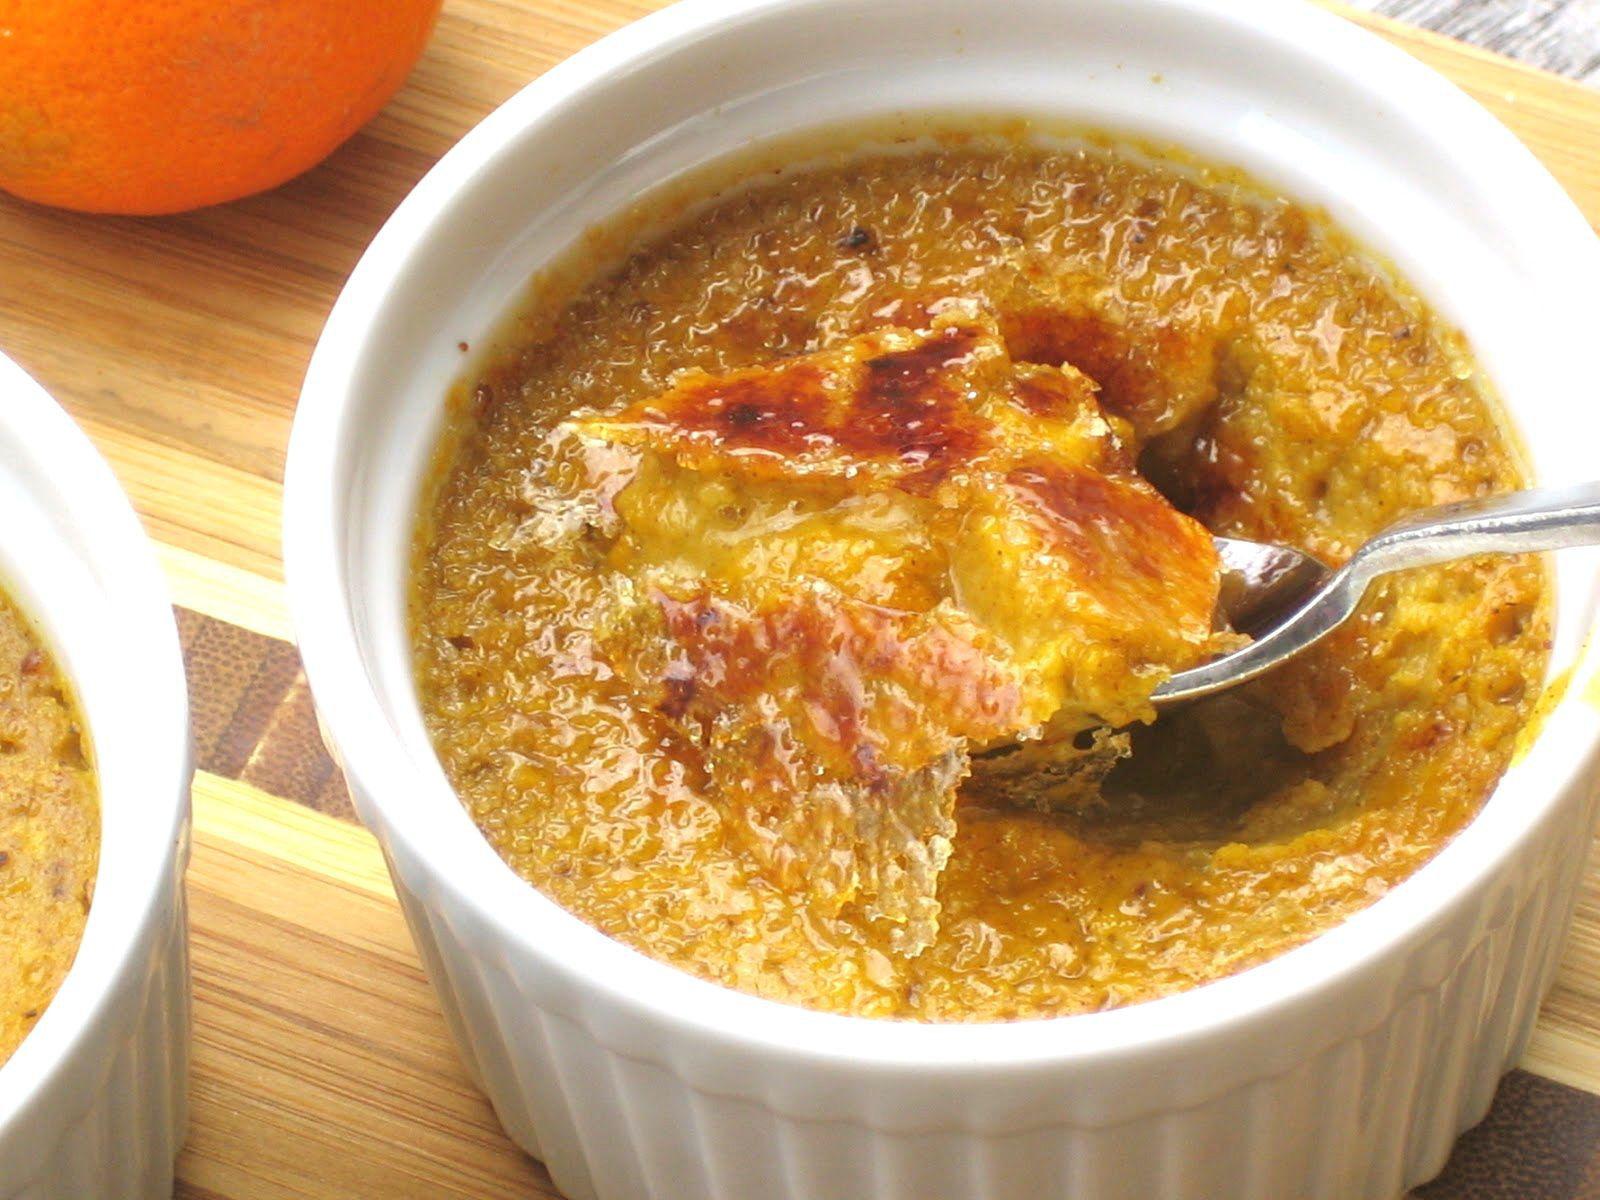 Pumpkin Pie Custards with Brûlée Topping